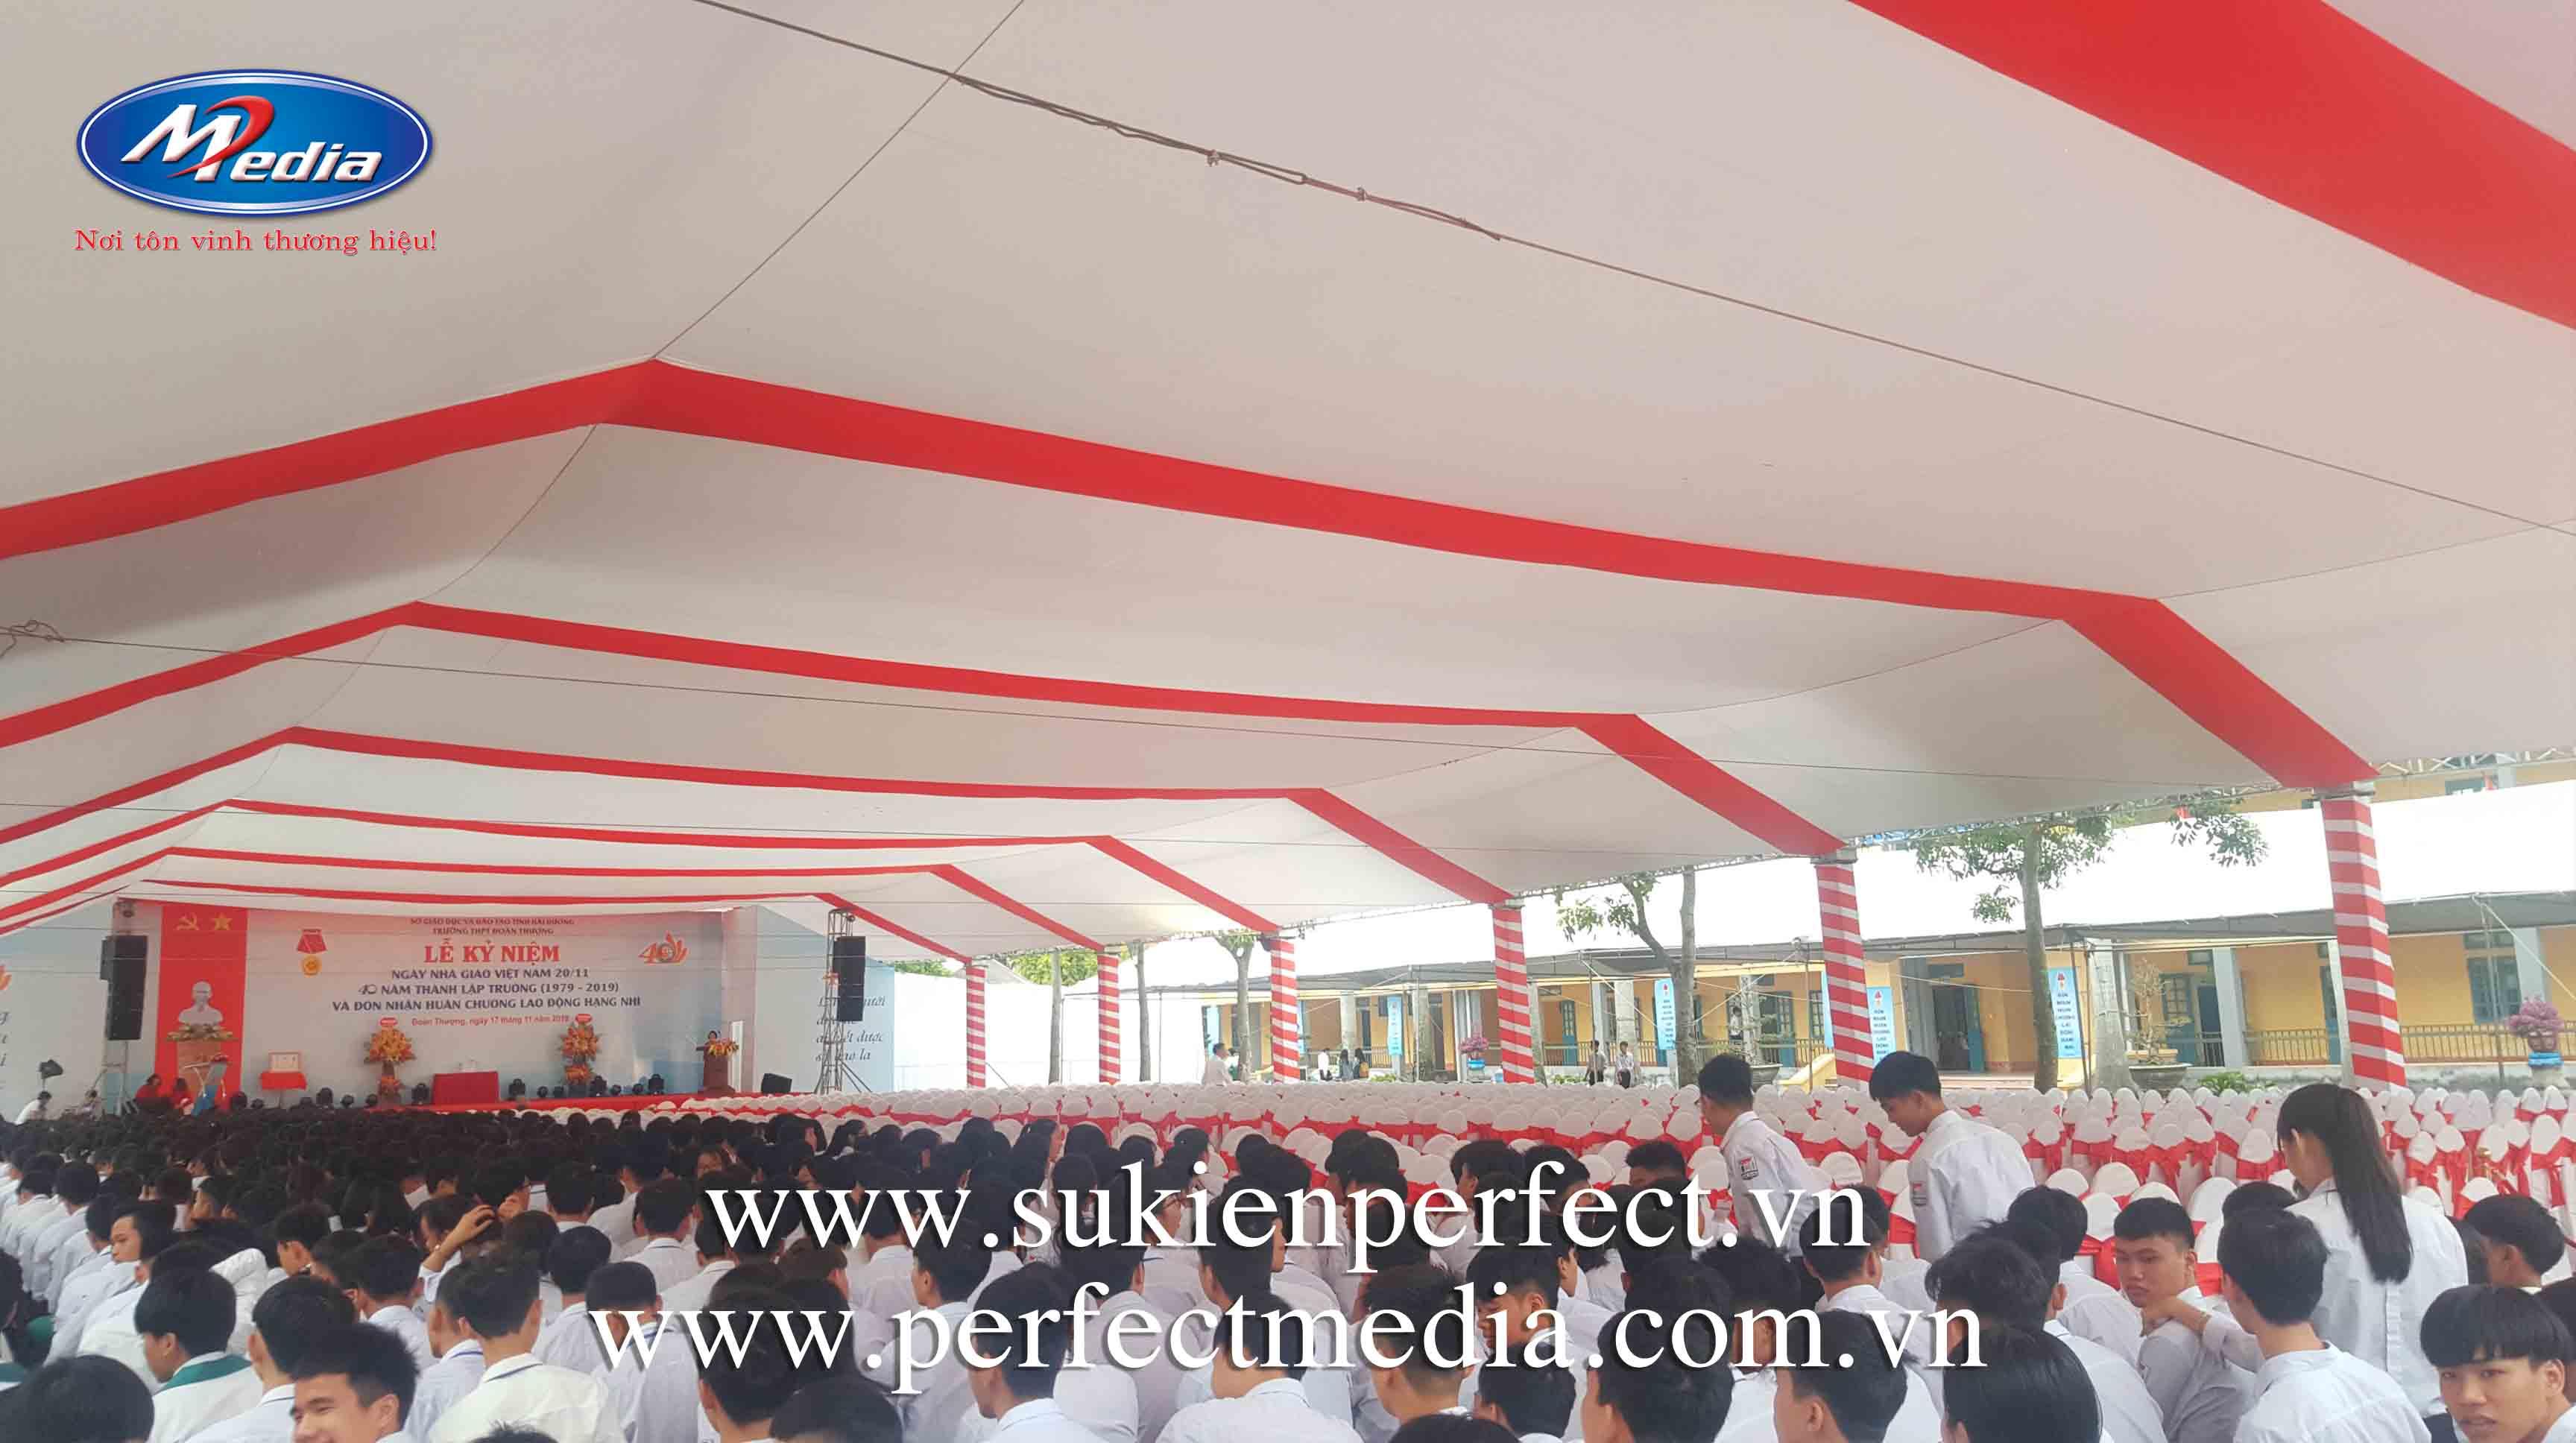 Hạng mục sự kiện cần thiết để tổ chức lễ kỷ niệm, tri ân chuyên nghiệp tại Thái Bình